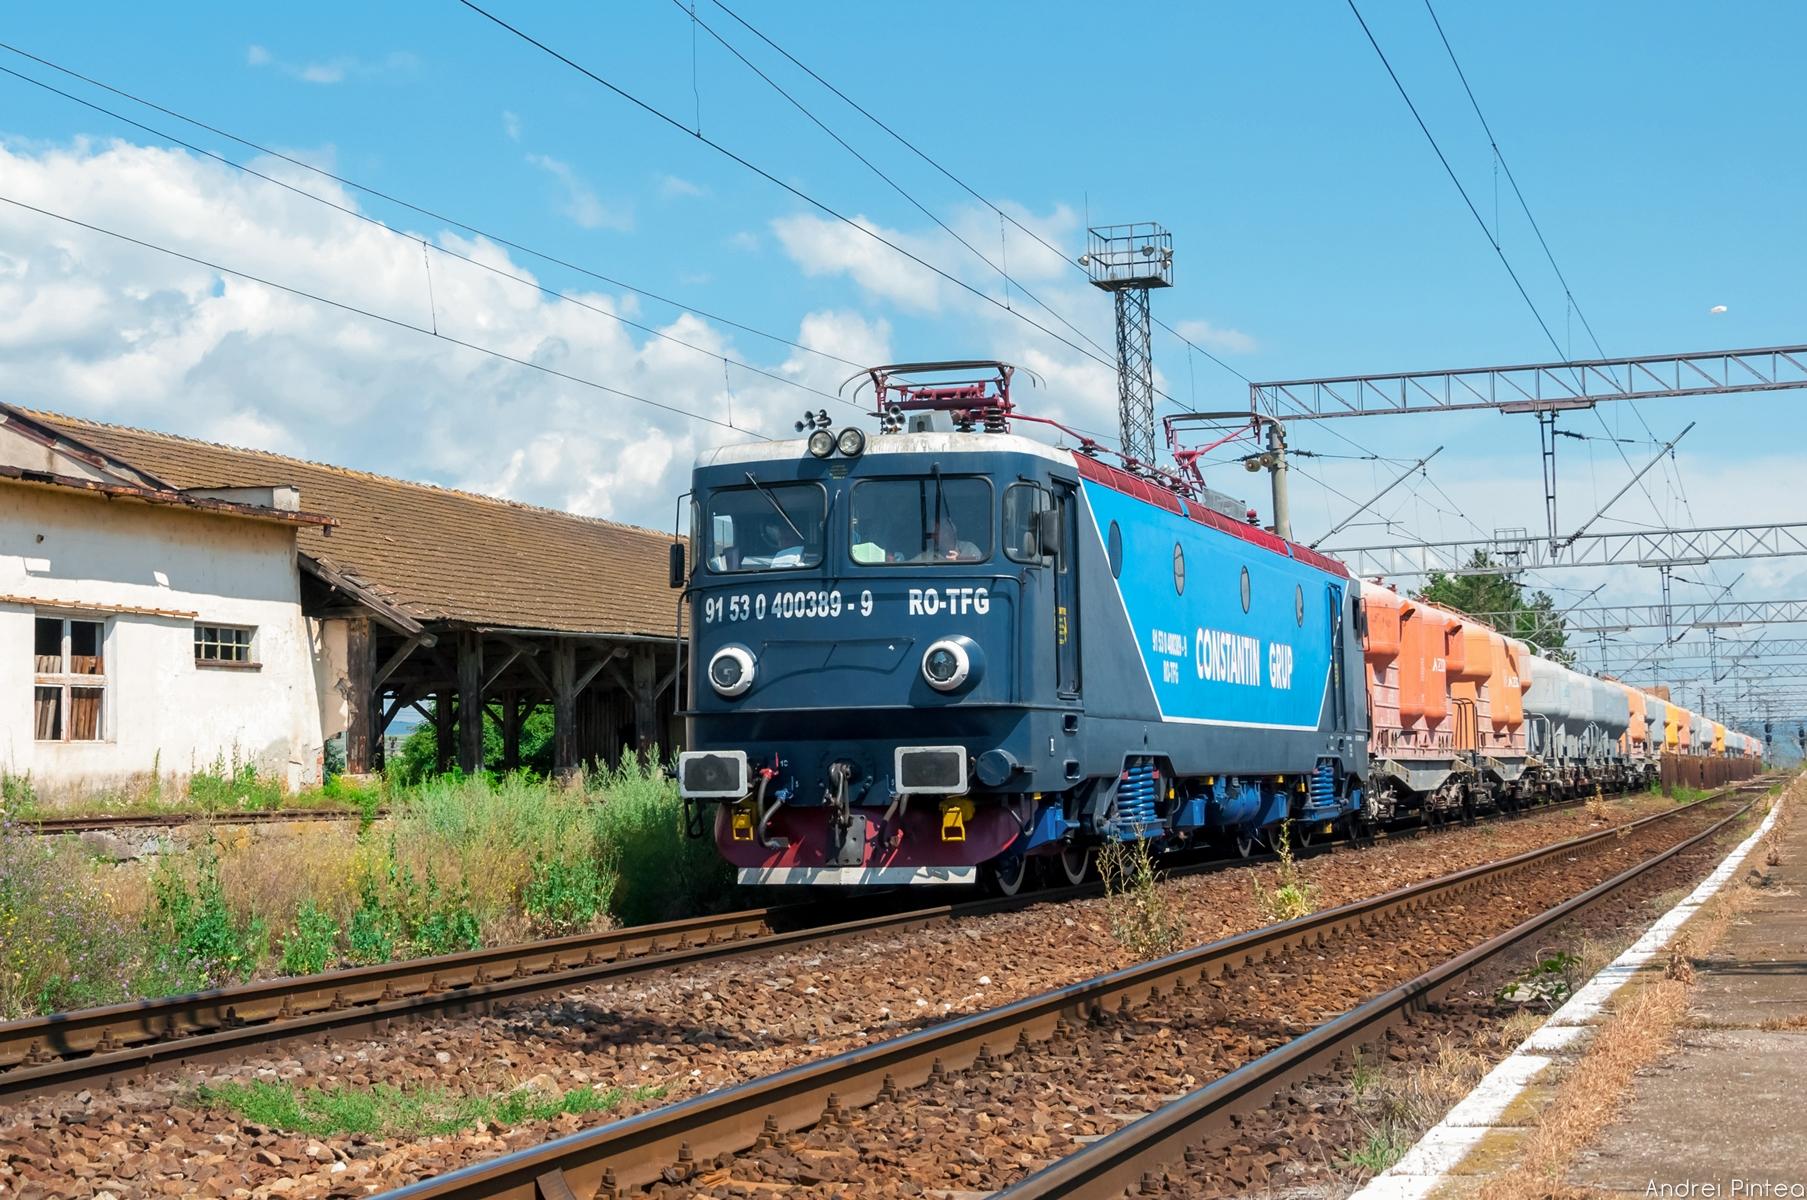 สถานี รถไฟ เอกชน tren 9 400 โรมาเนีย 40 trans การขนส่งสินค้า ผู้ประกอบการ  Marfa